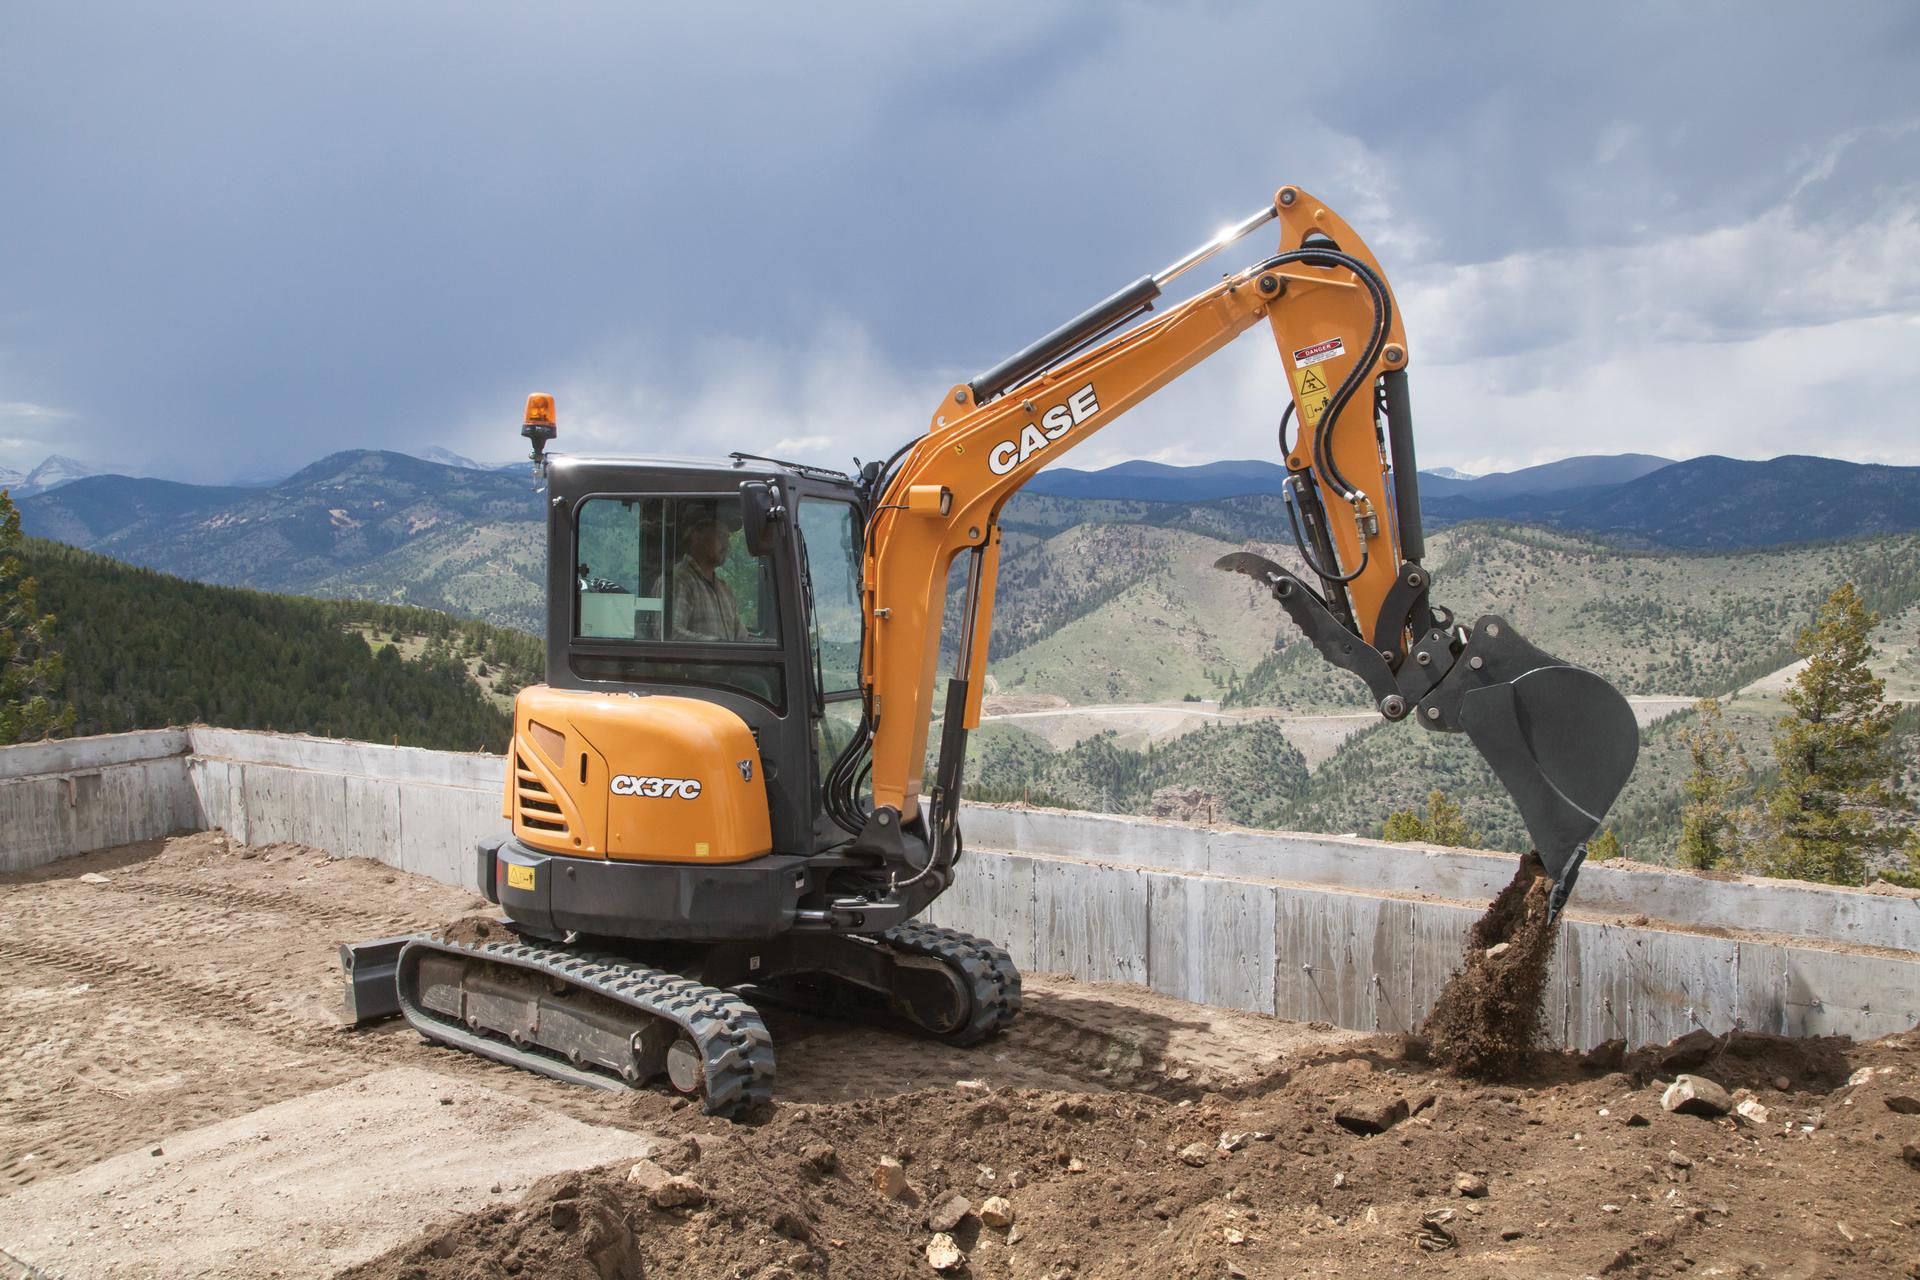 Case CX37C Compact-Excavator digging